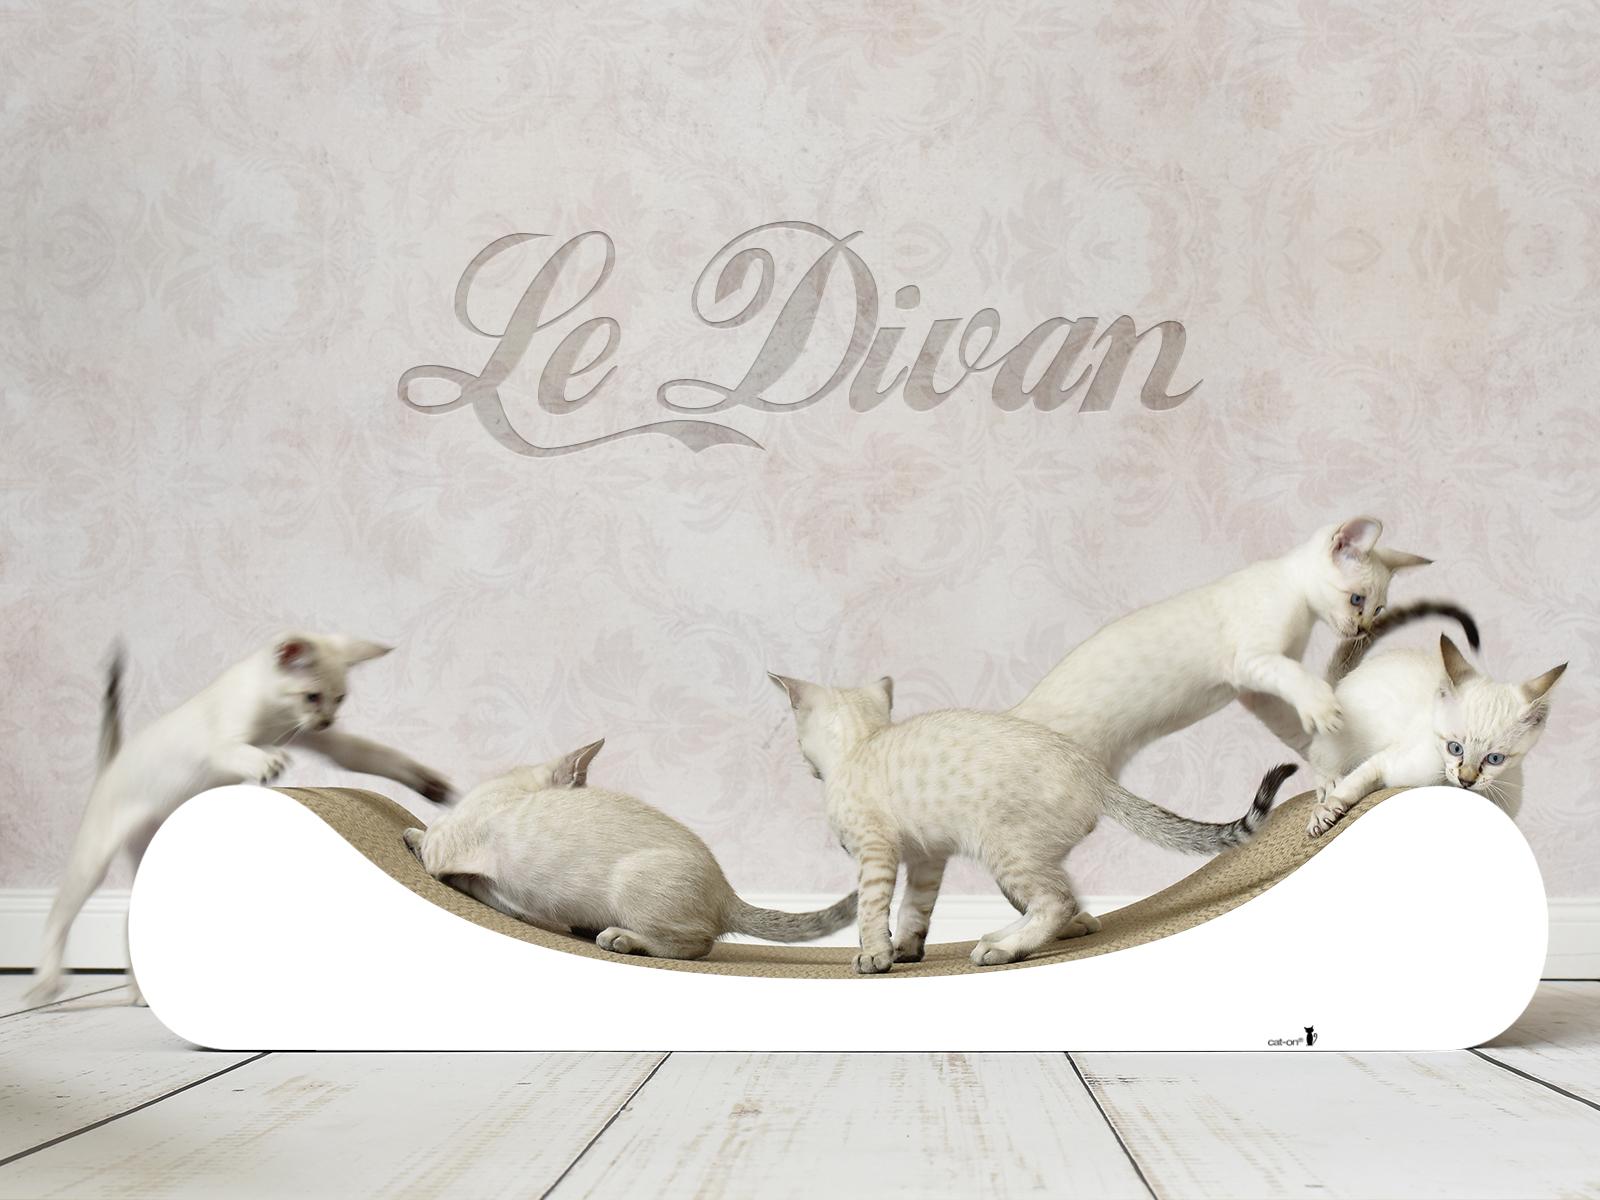 Katzenliege Le Divan in gestrichen weiß - Farbe: 000x